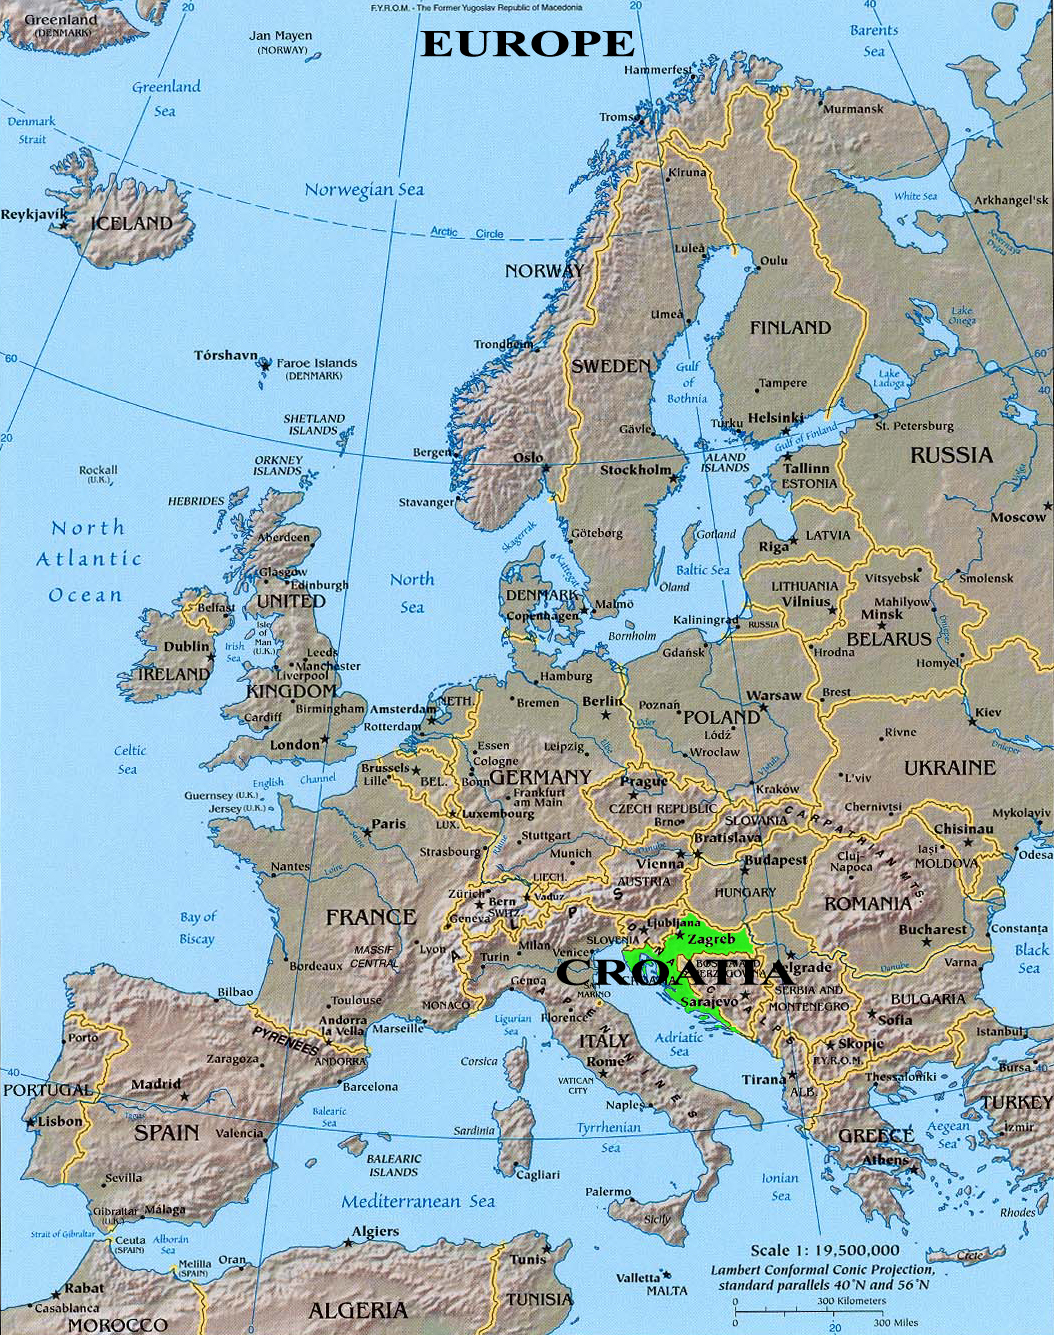 karta europa kroatien KROATIEN PÅ KARTAN I EUROPA | Vintage Croatia karta europa kroatien